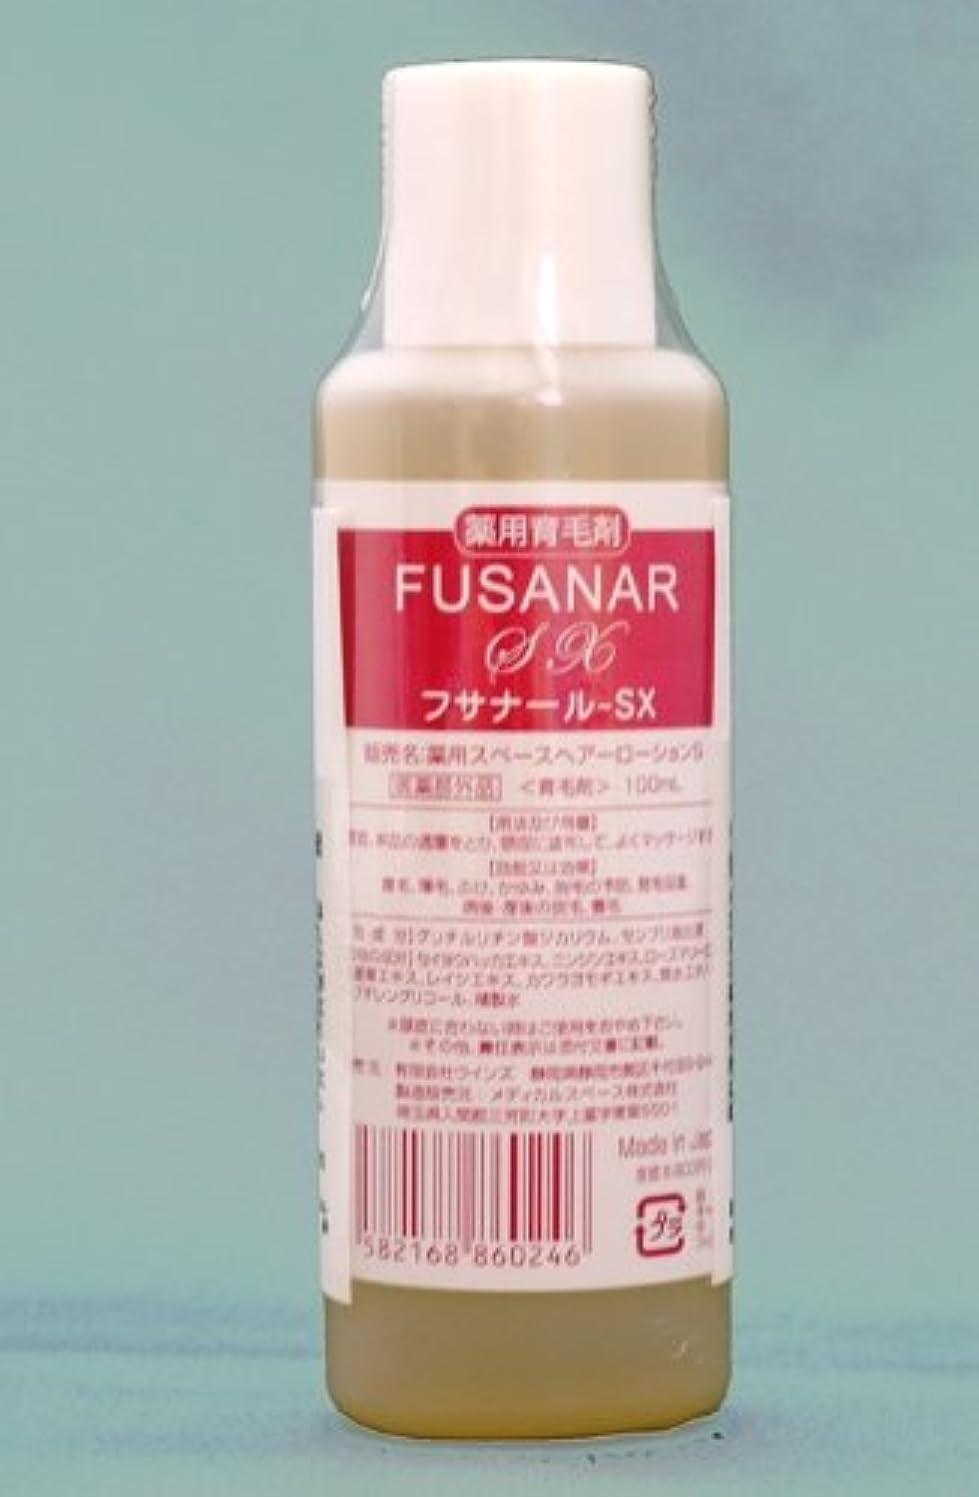 ダーリンご近所合併症薬用フサナールSX <男女兼用> 100%植物エキスの薬用育毛剤